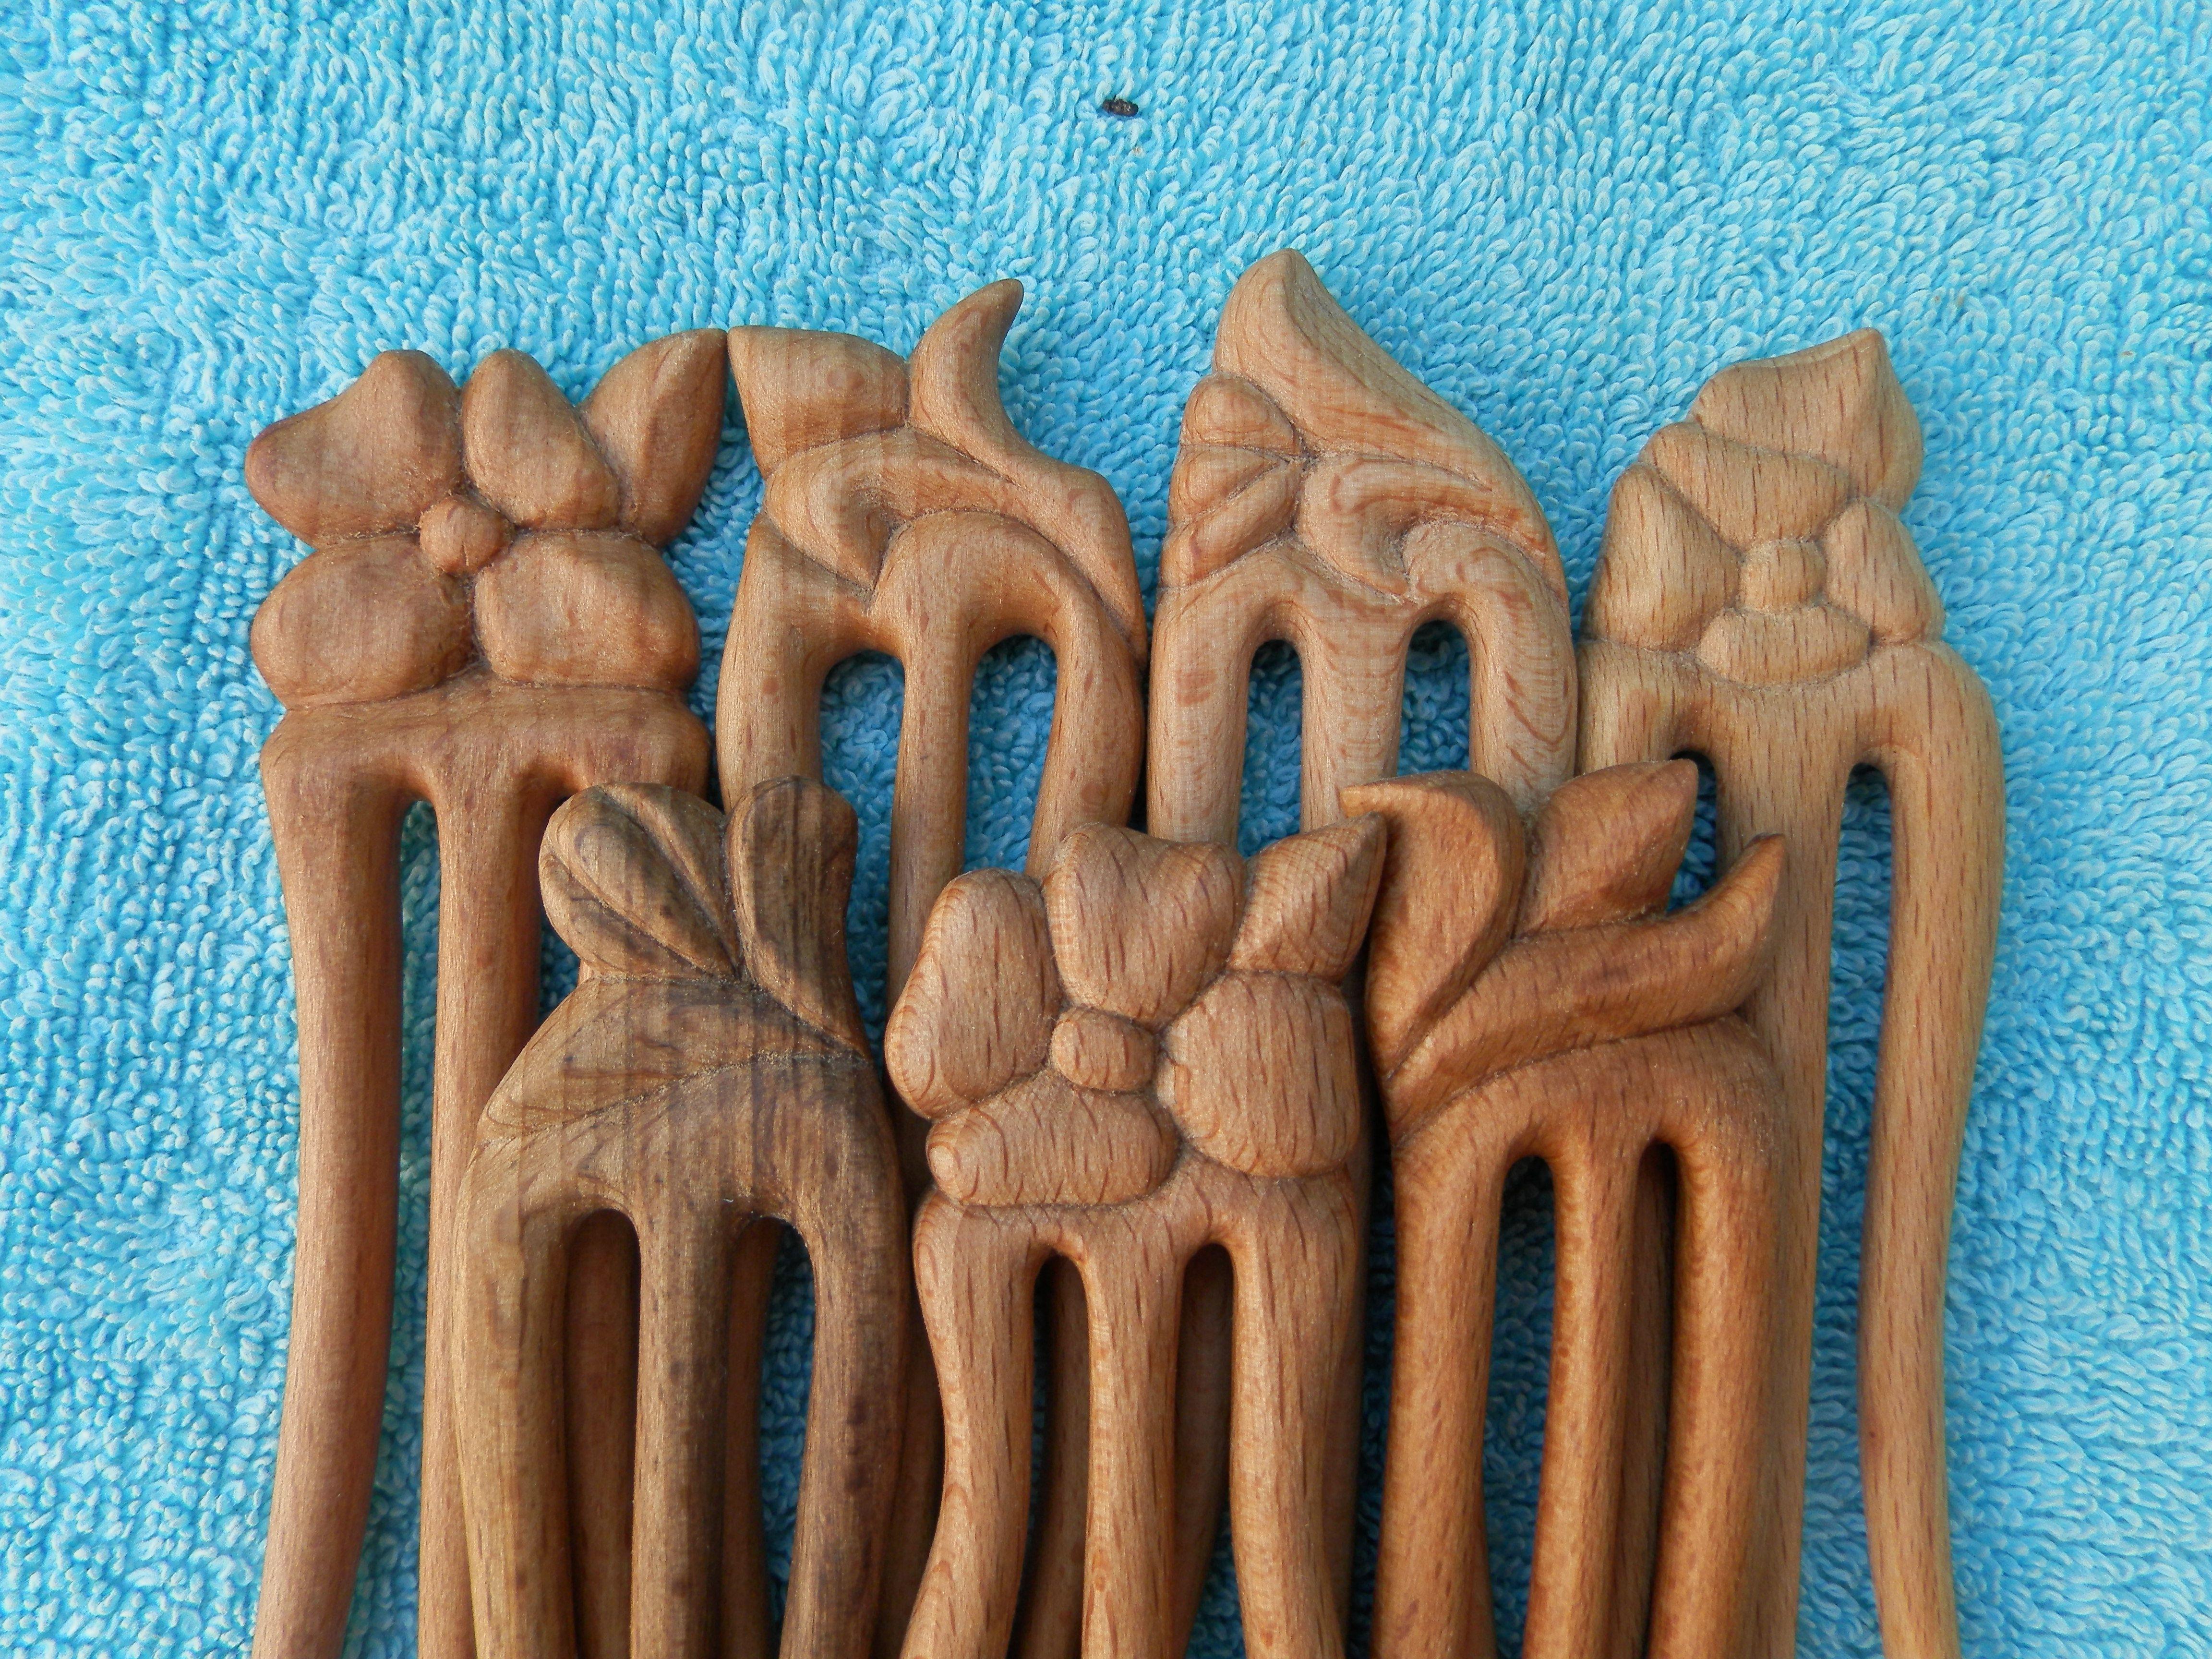 заколказаколка девушекподарок девушкеручная дереварезная заколкадля для работа женщиндля